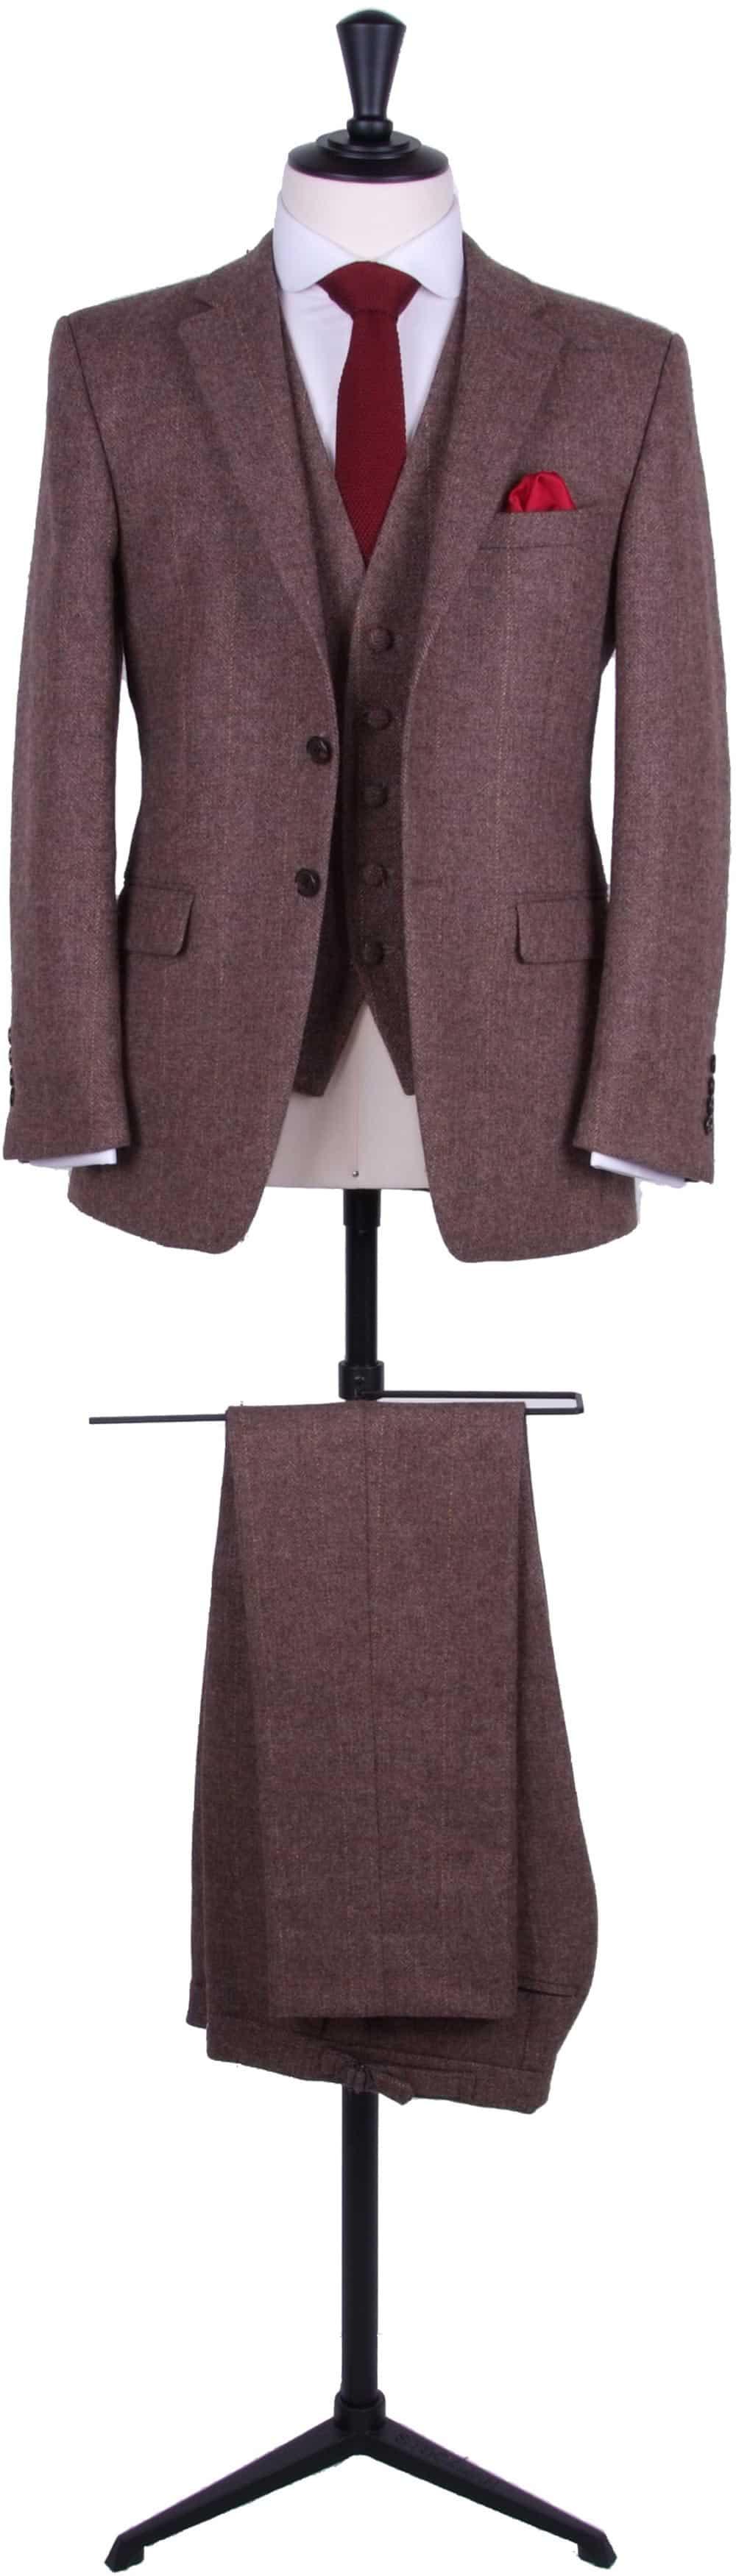 Vintage tweed suit